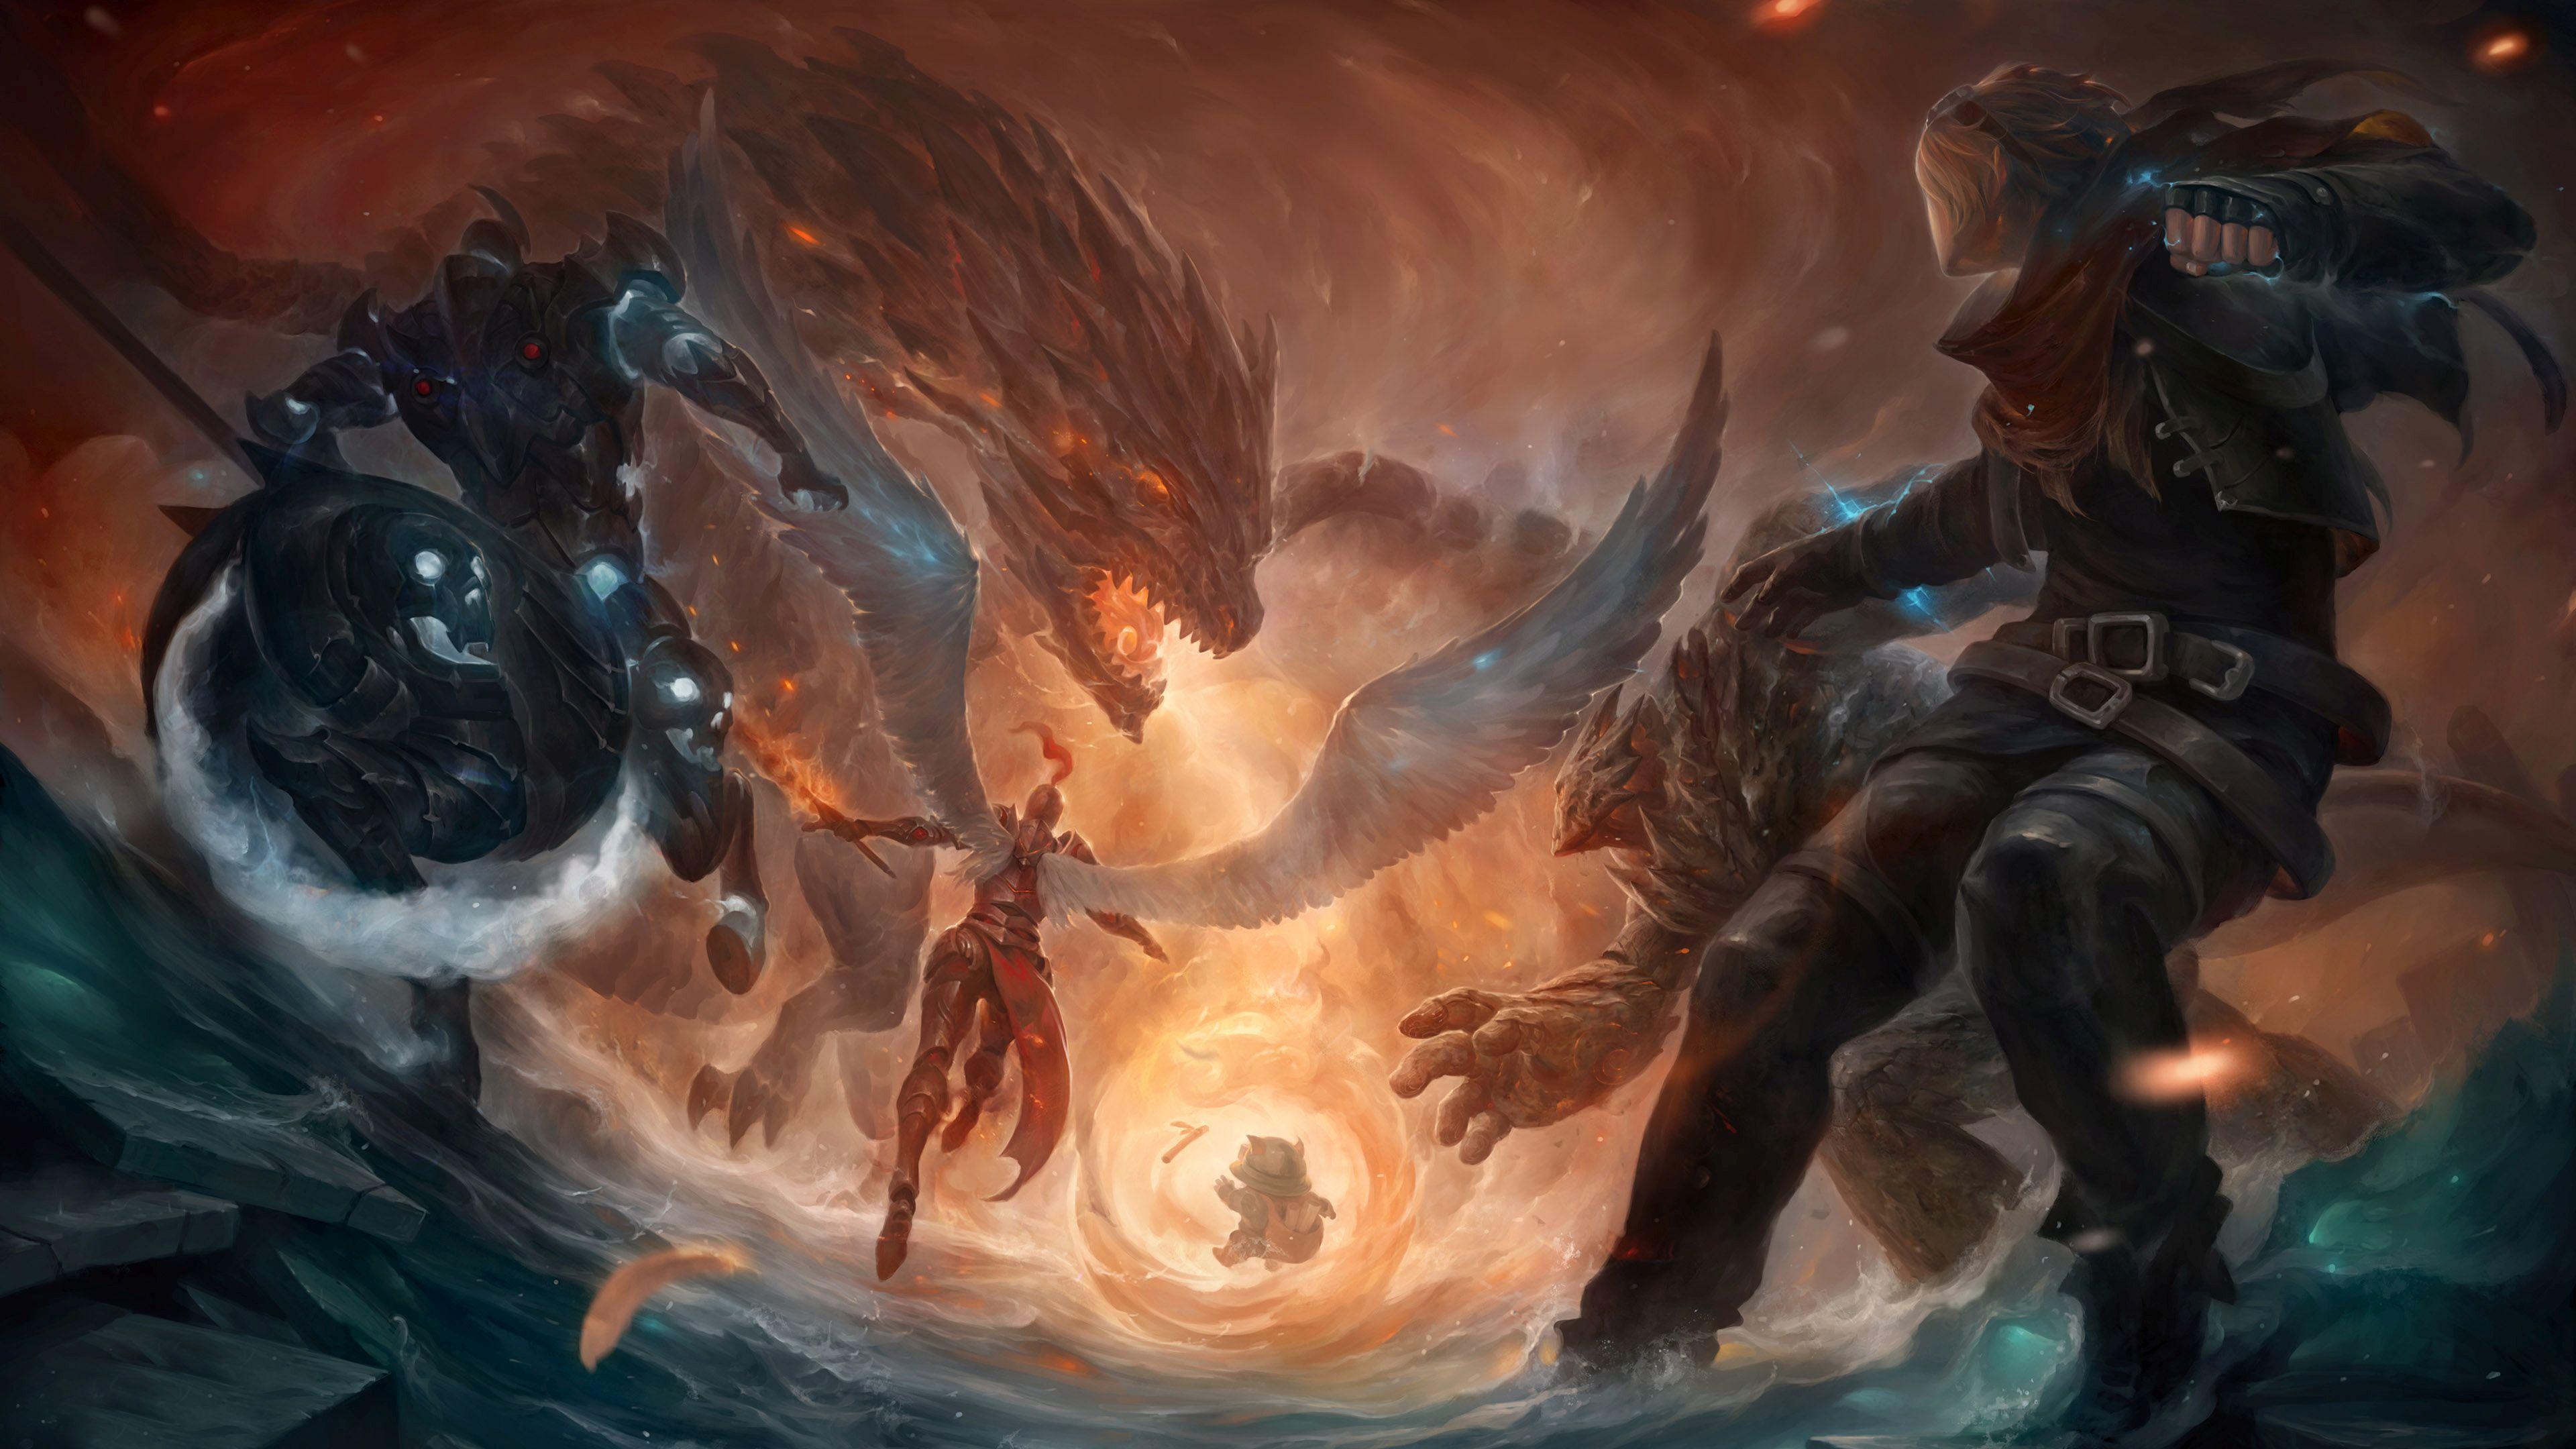 League Of Legends Battle HD Desktop Wallpaper Widescreen